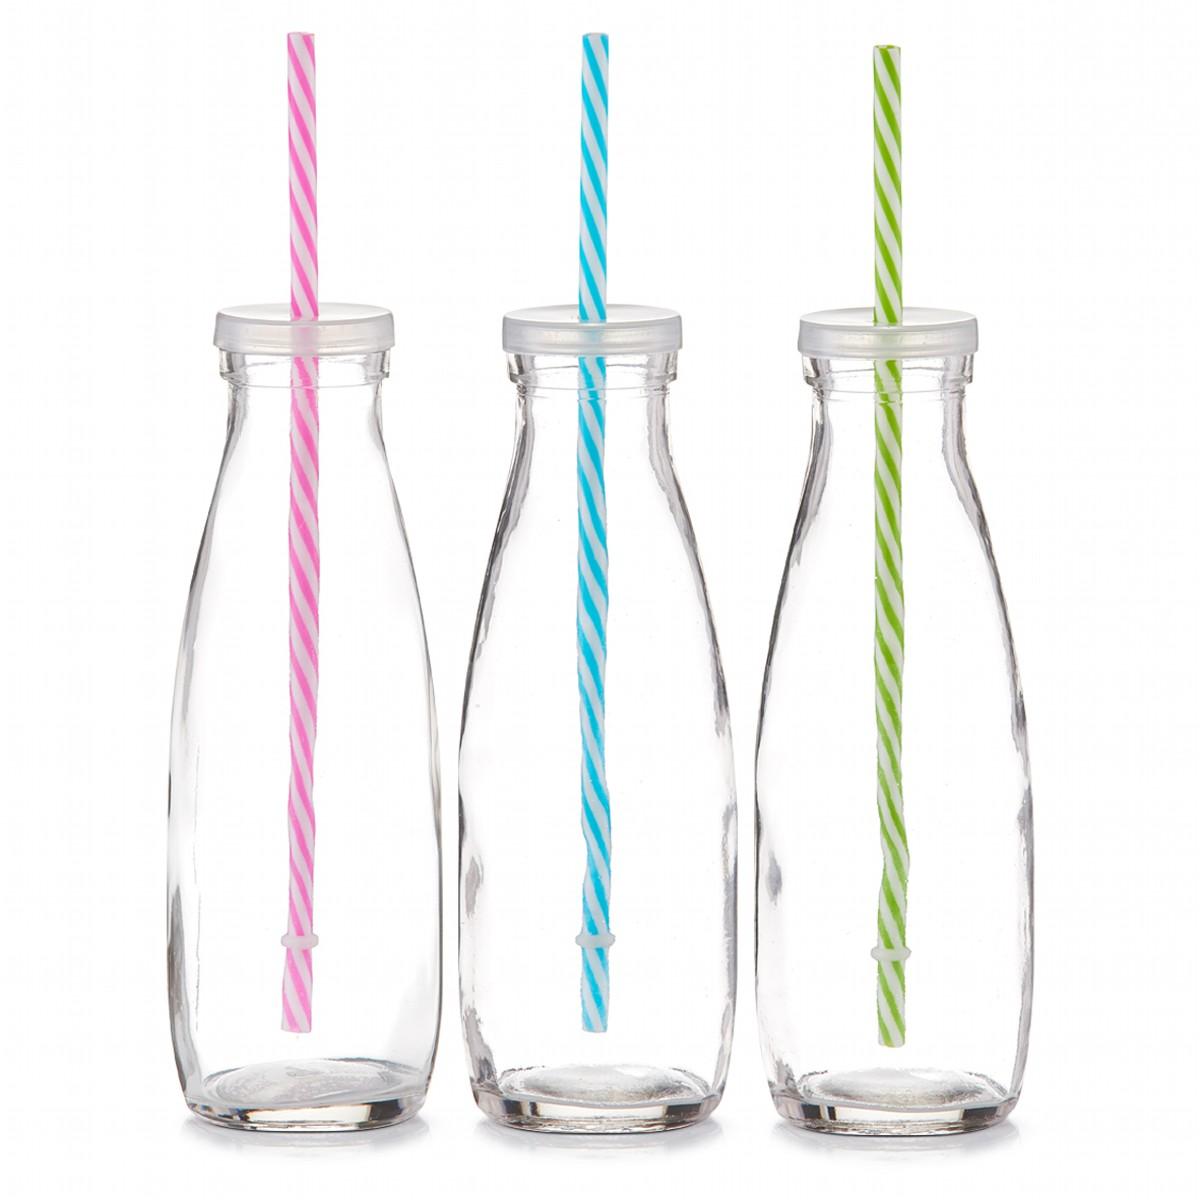 Емкость для напитковZeller пропитывает свою продукцию гармонией и новизной. Данная емкость создана специально для хранения в ней различных напитков. А также удобно их употреблять сразу из тары.<br>